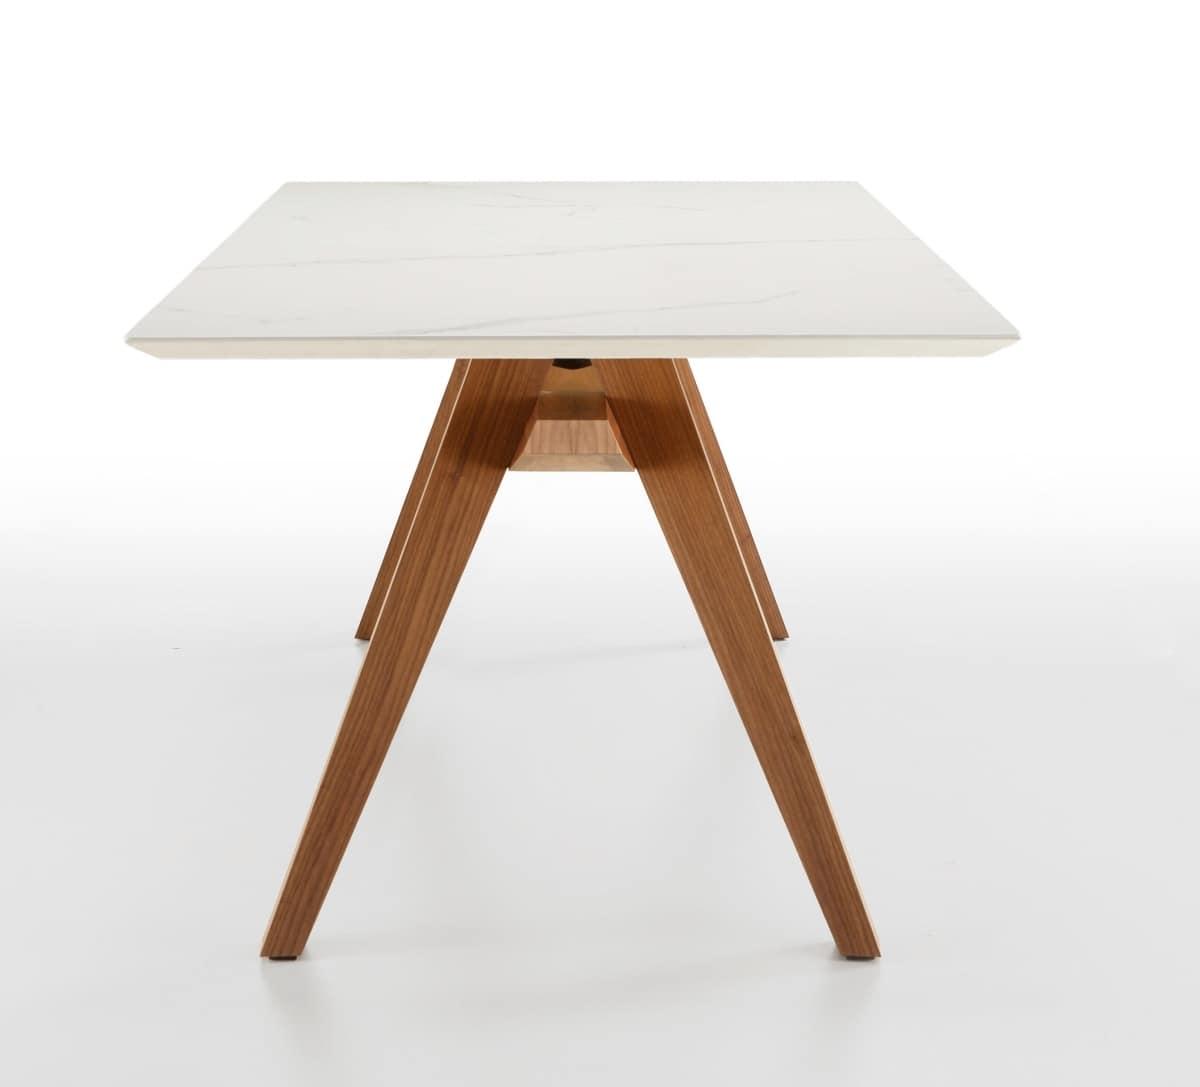 Tavolo idee cucina della - Tavoli da cucina design ...